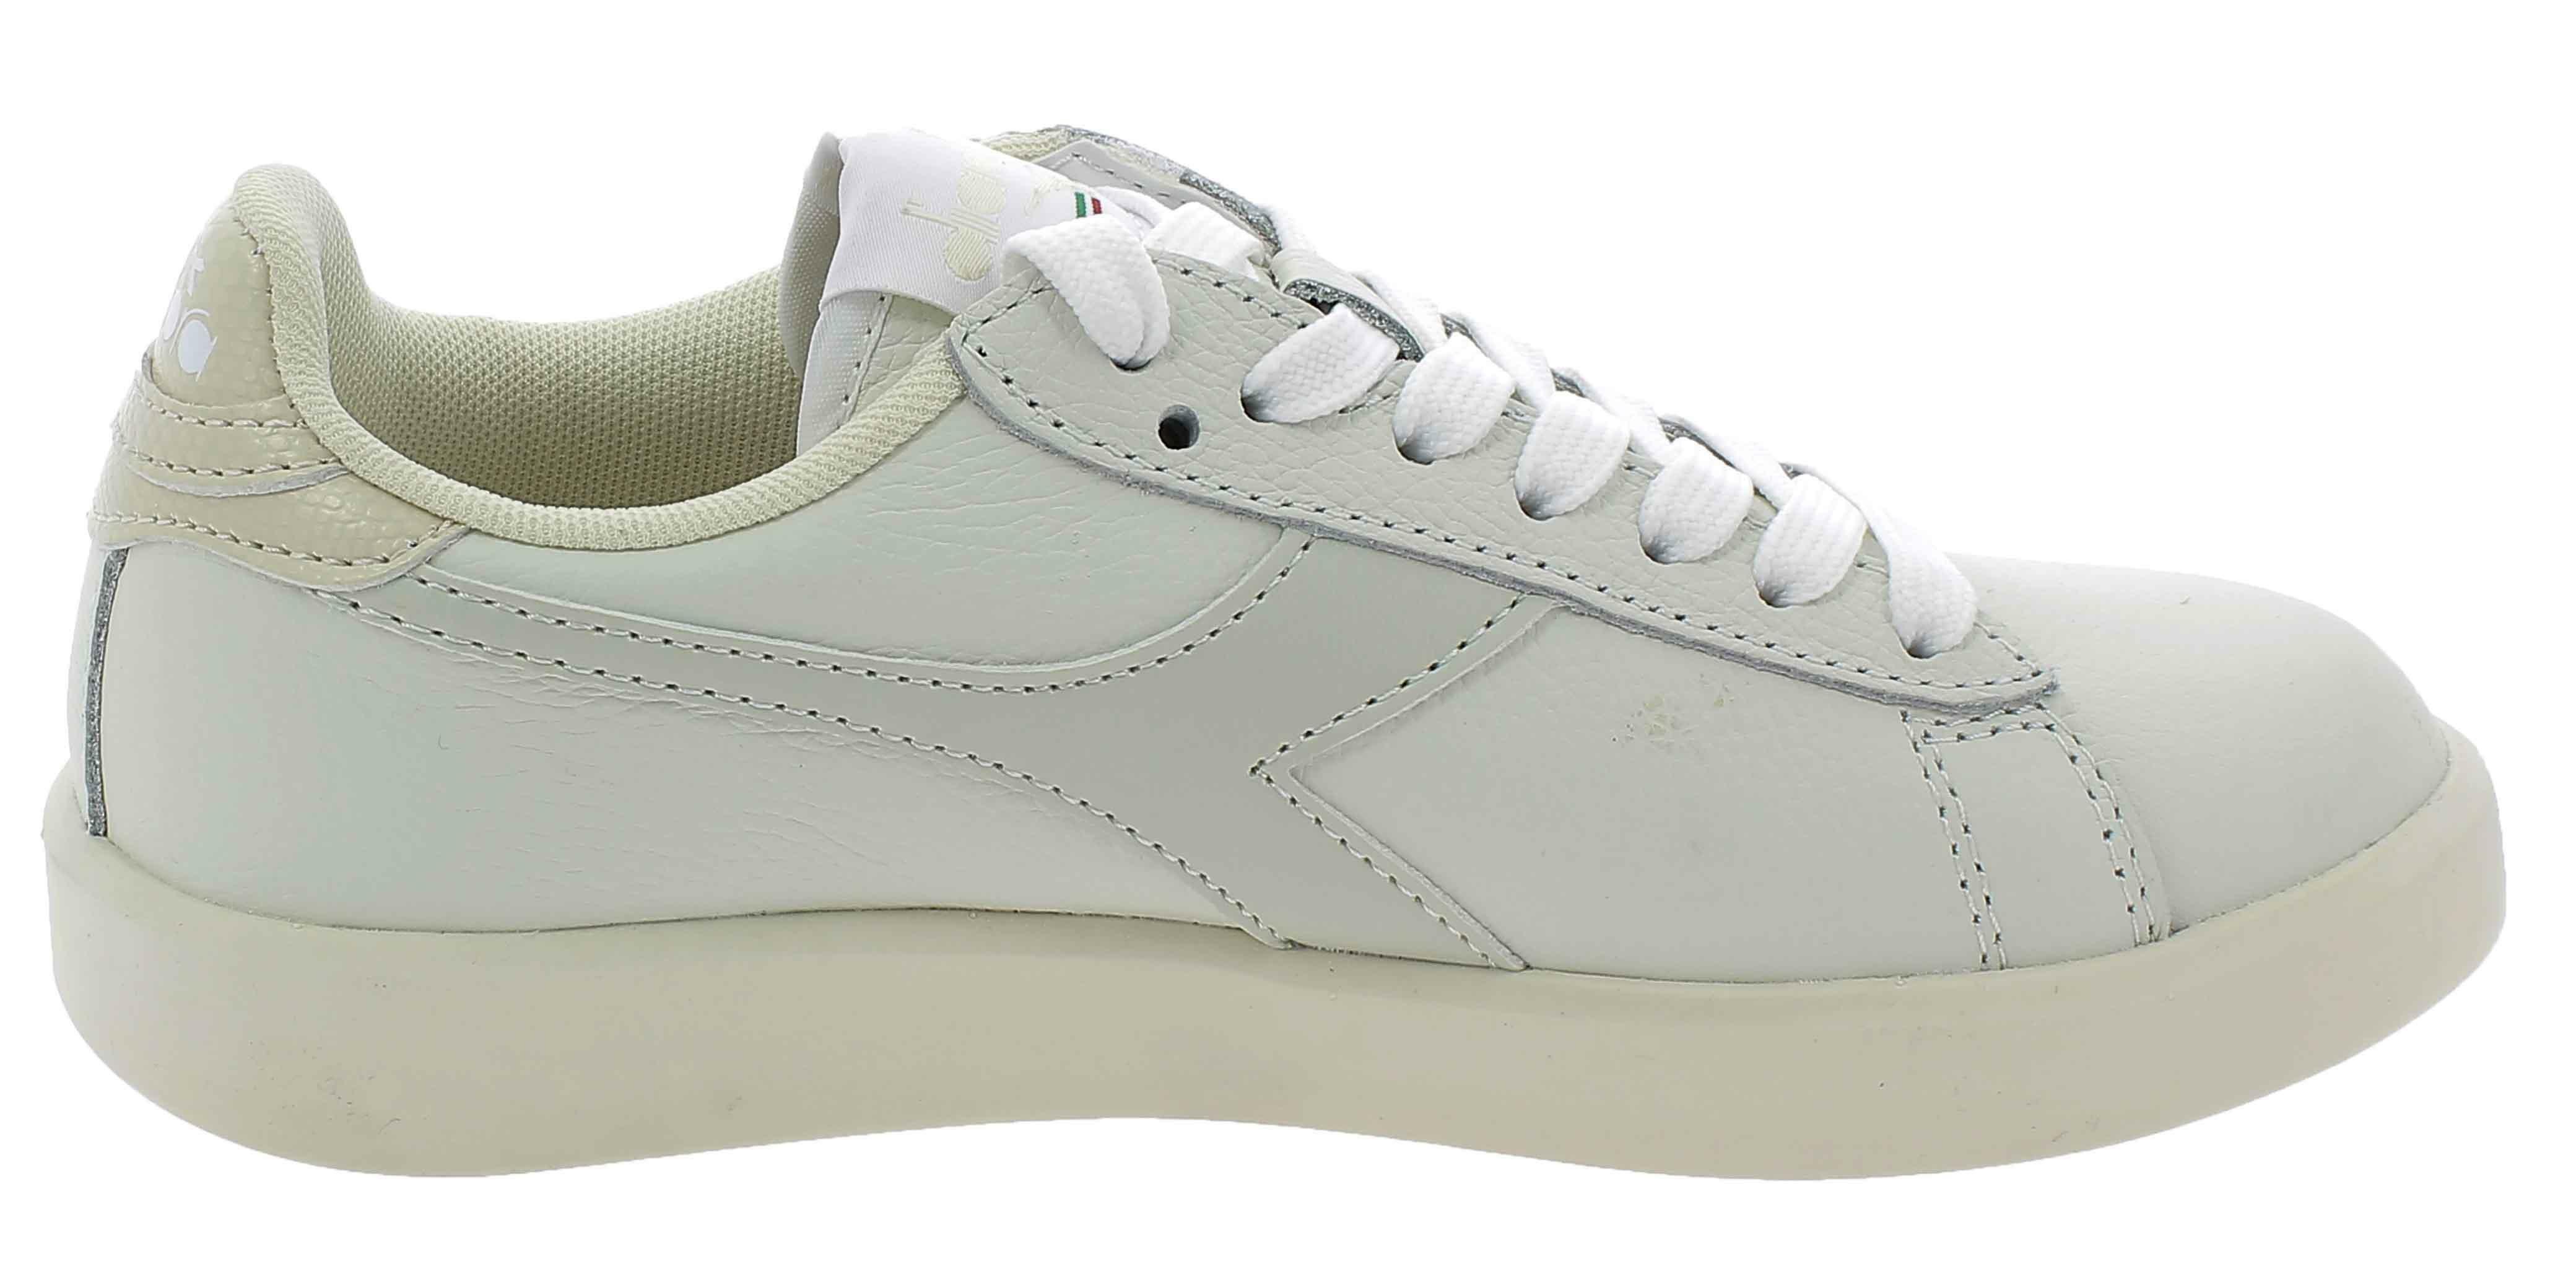 diadora diadora game wide scarpe sportive donna bianche